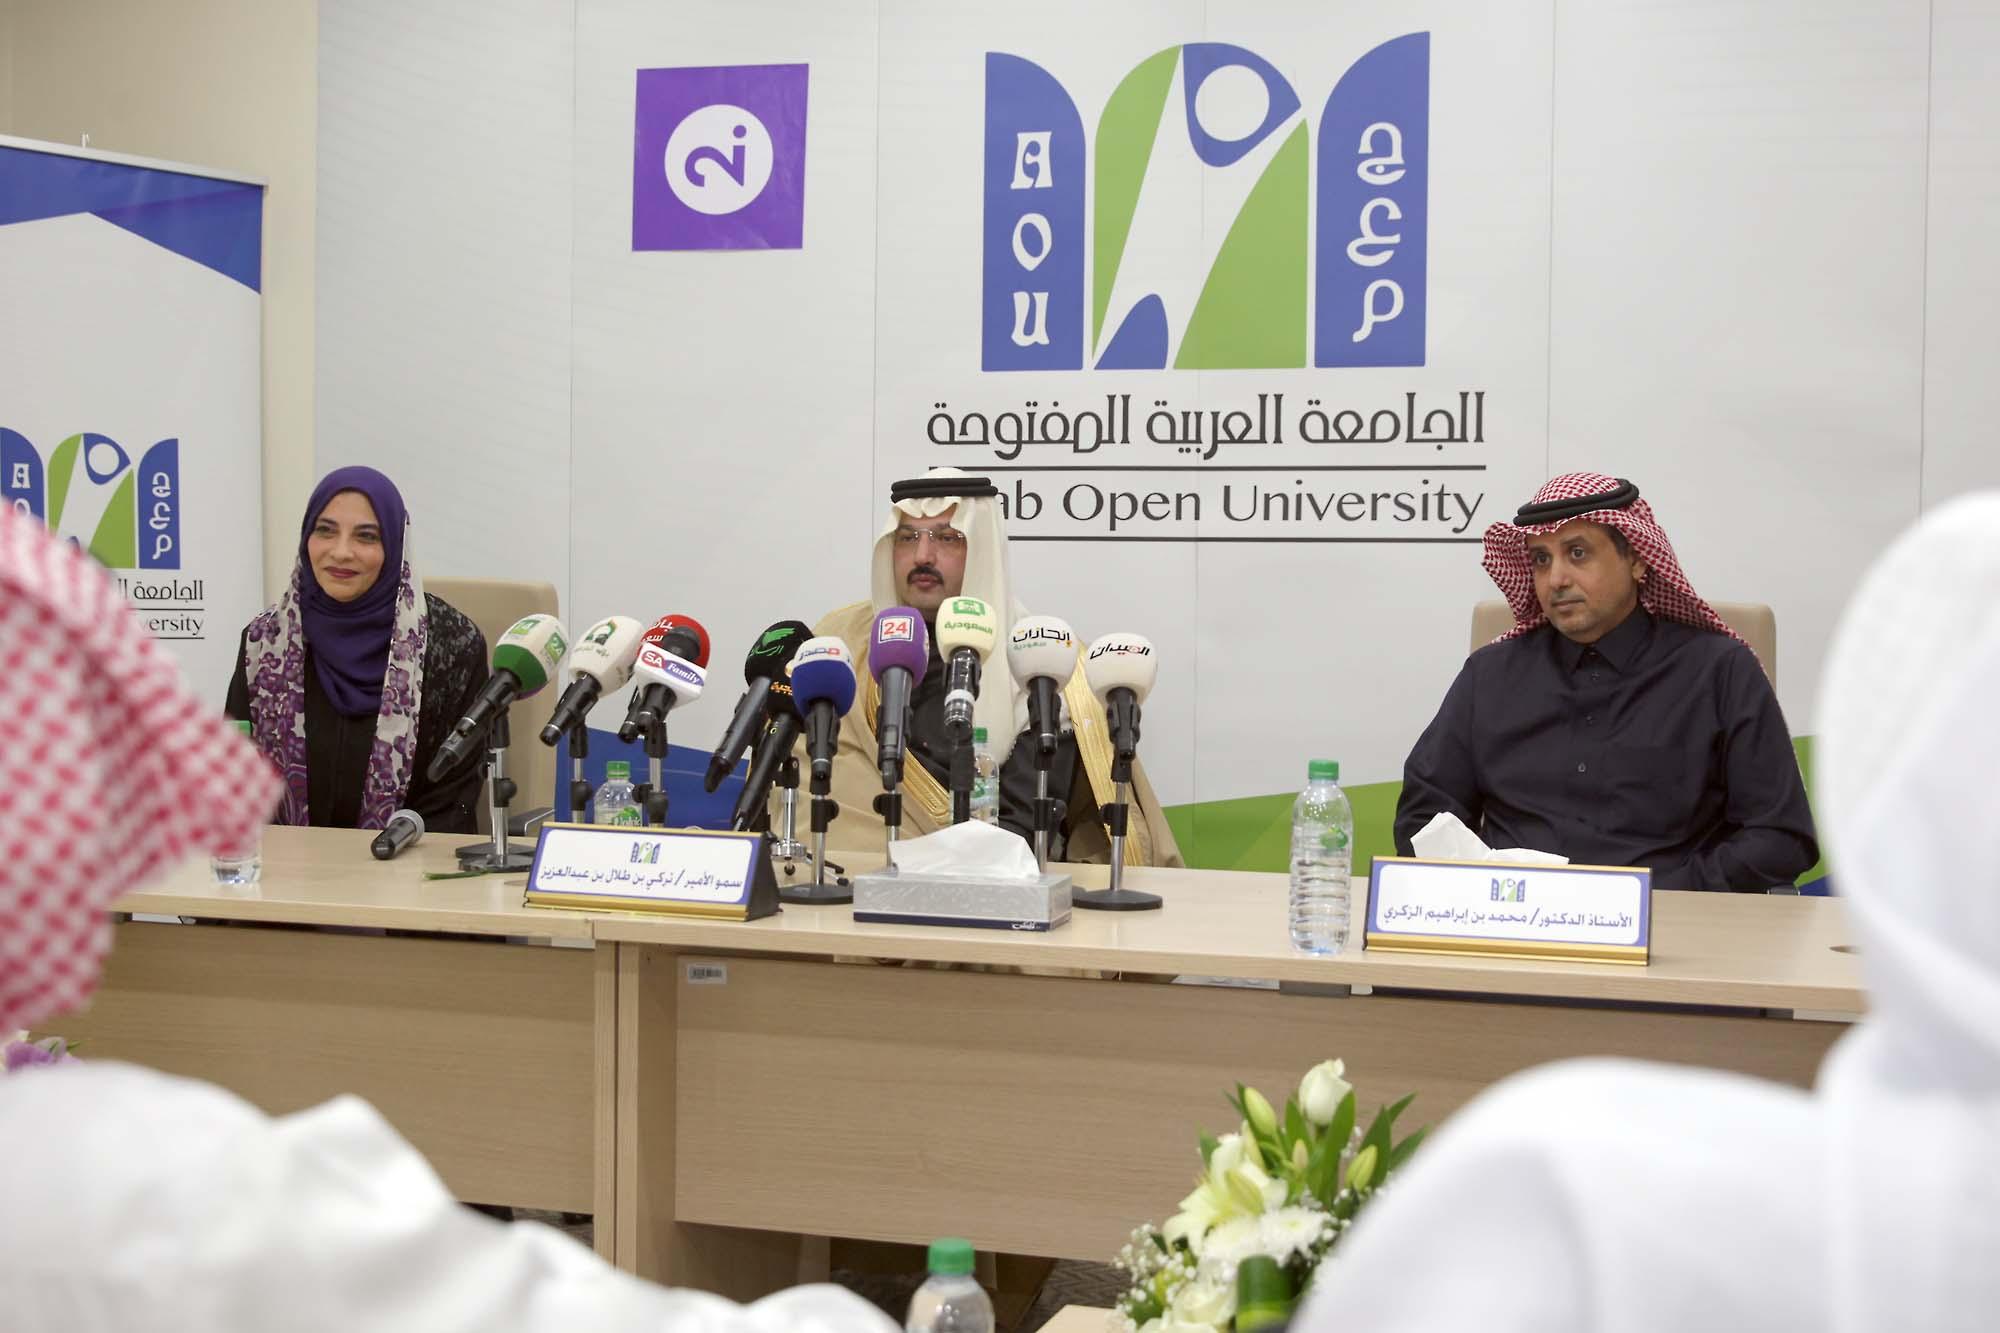 اتفاقية الجامعة العربية المفتوحة (6)